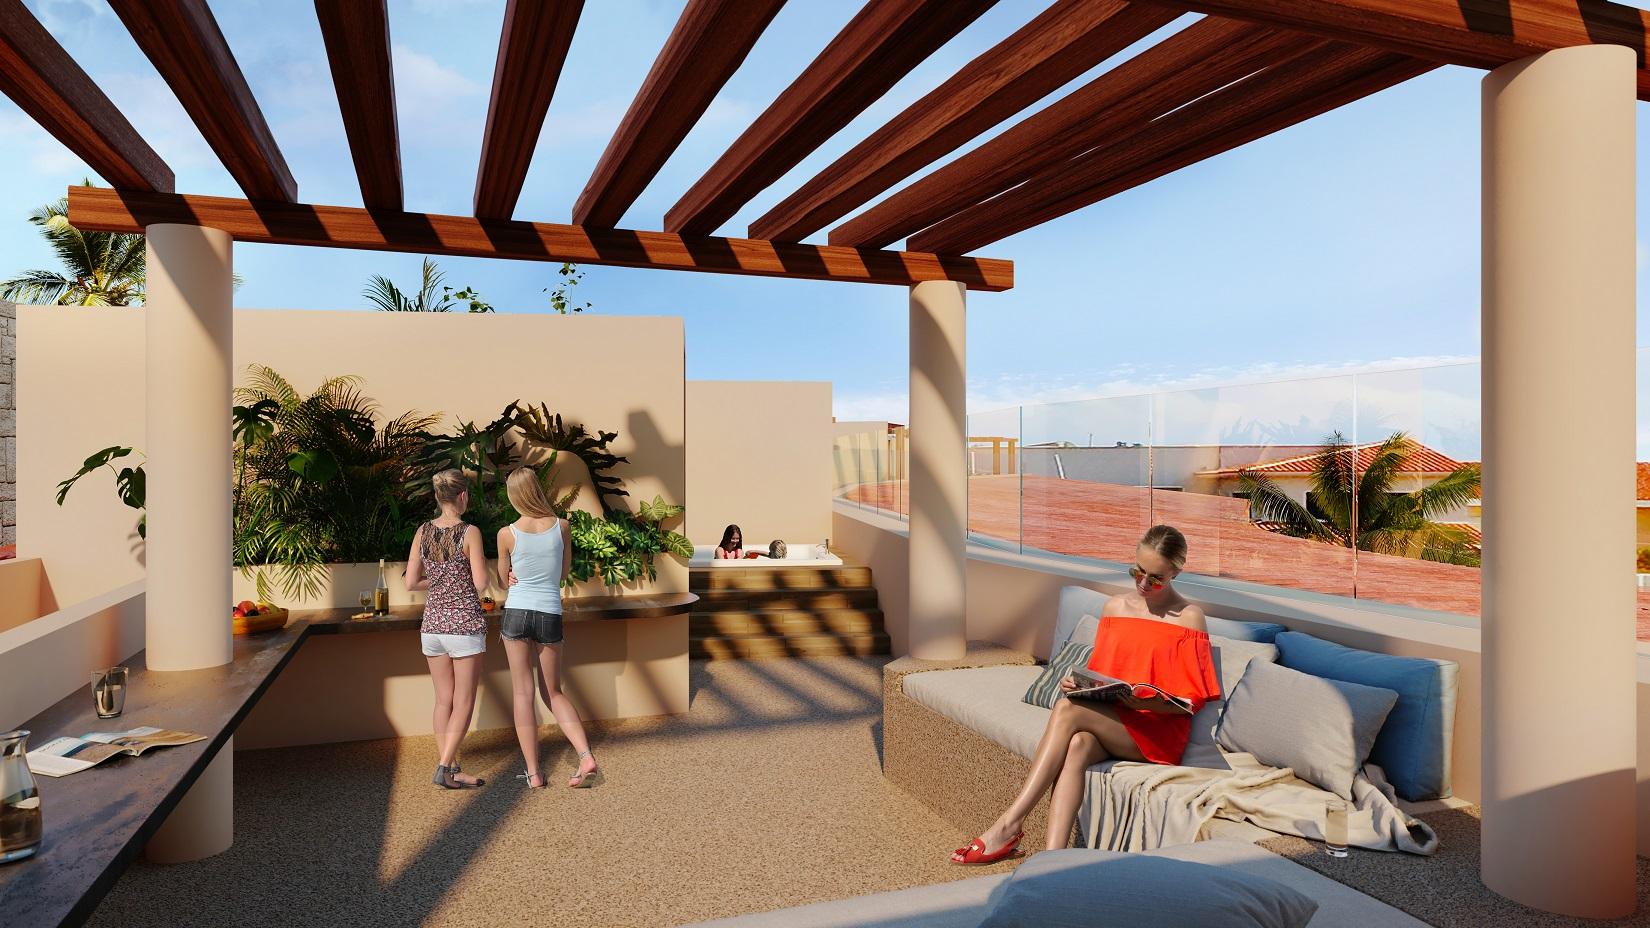 3 bedroom penthouse in Puerto Aventuras